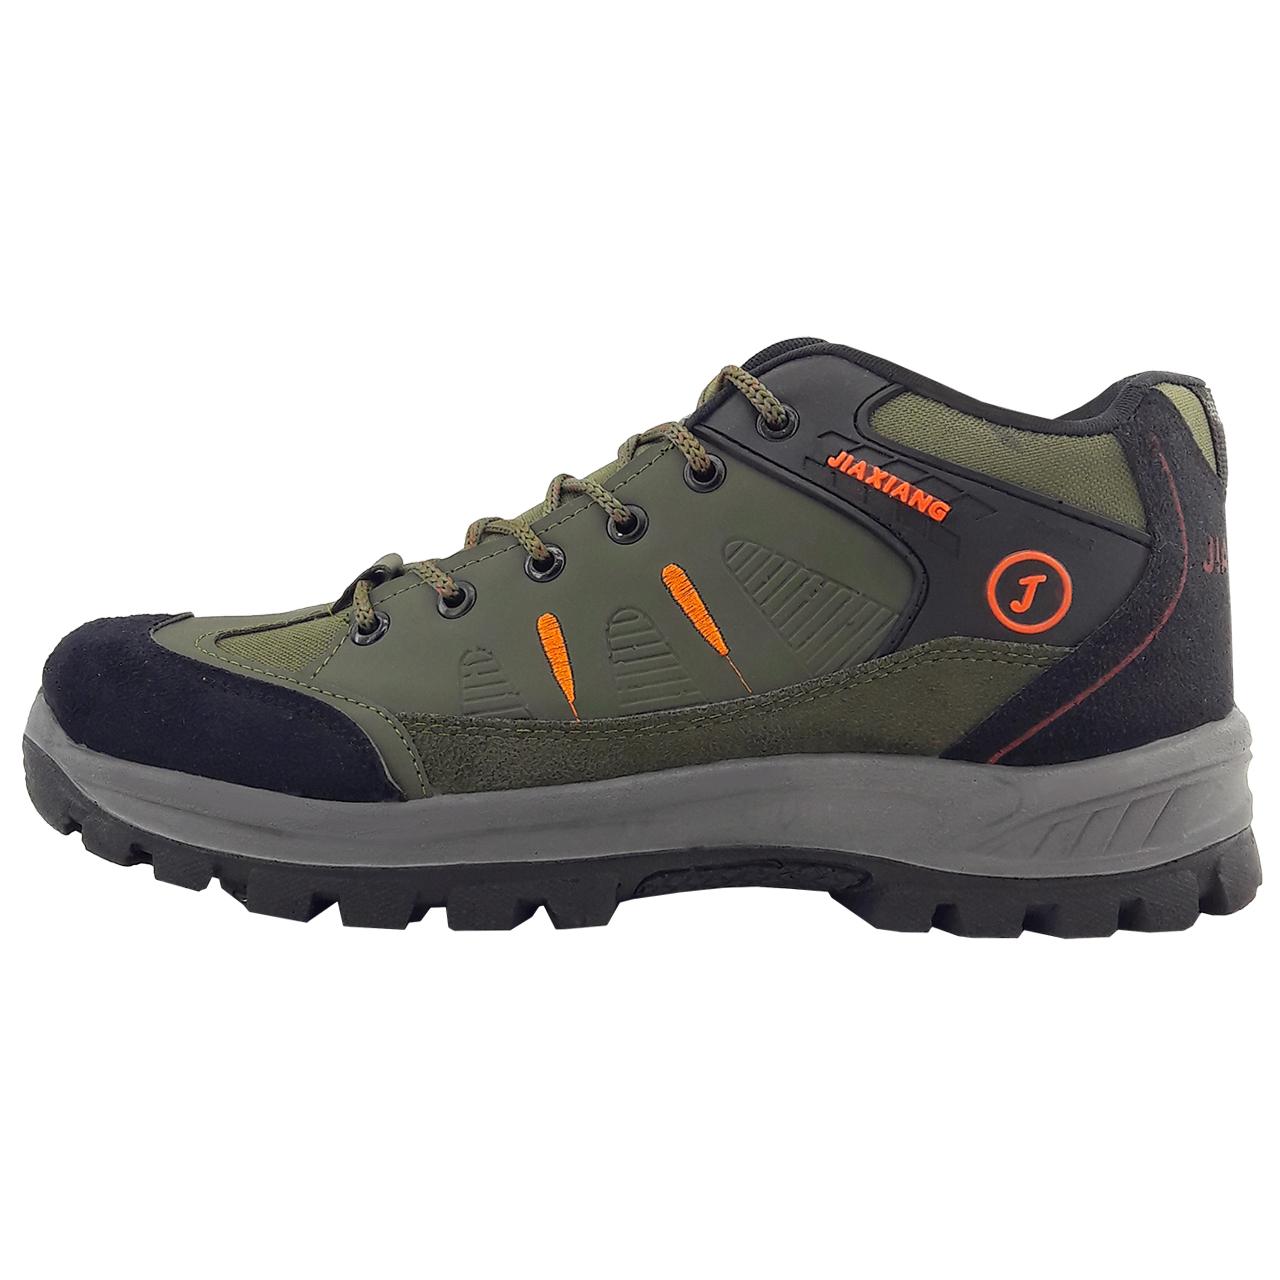 قیمت کفش کوهنوردی مردانه جیاکسیانگ مدل Jax tnd.gree.-01